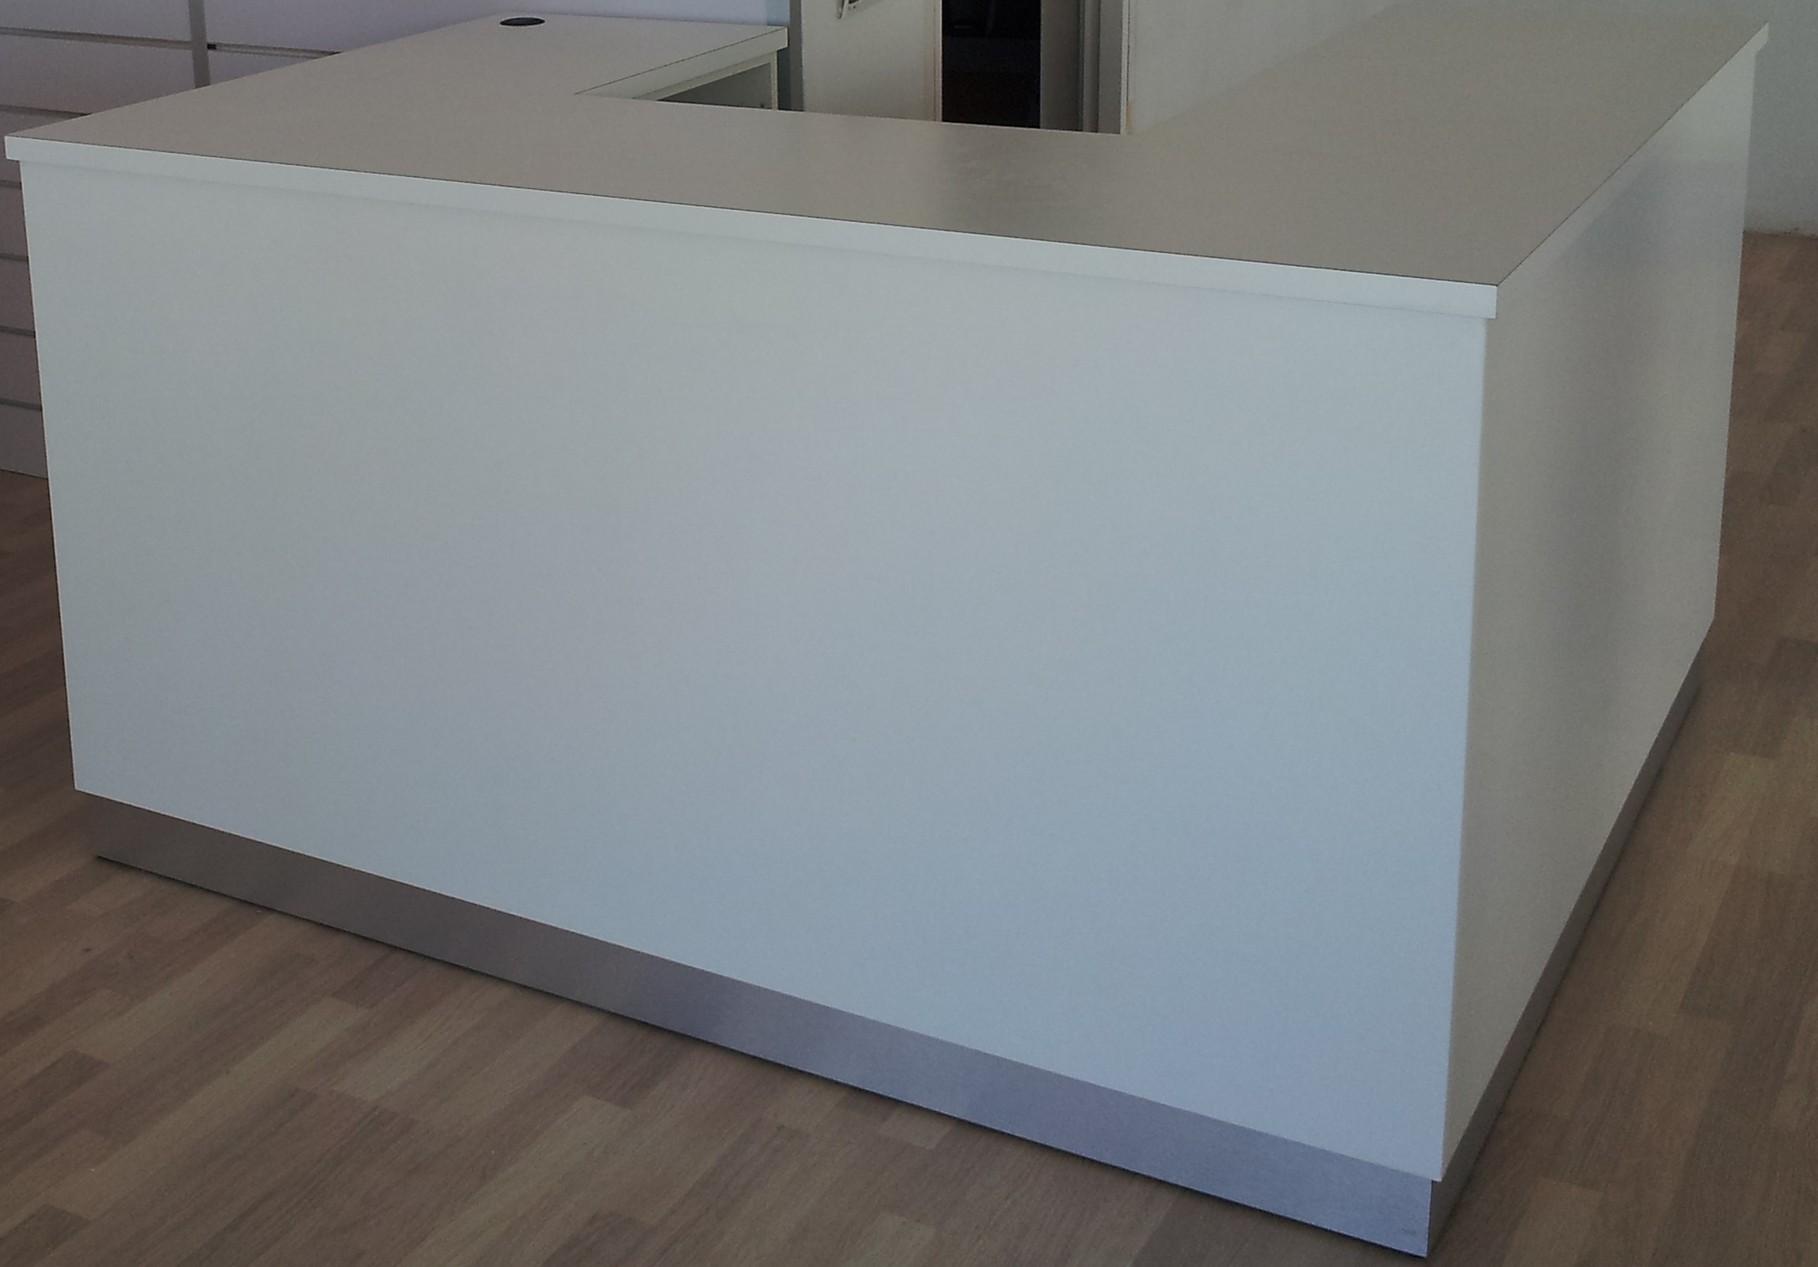 Mostrador fabricado en DMF y forrado estratificado blanco, rodapié en mario forrado aluminio